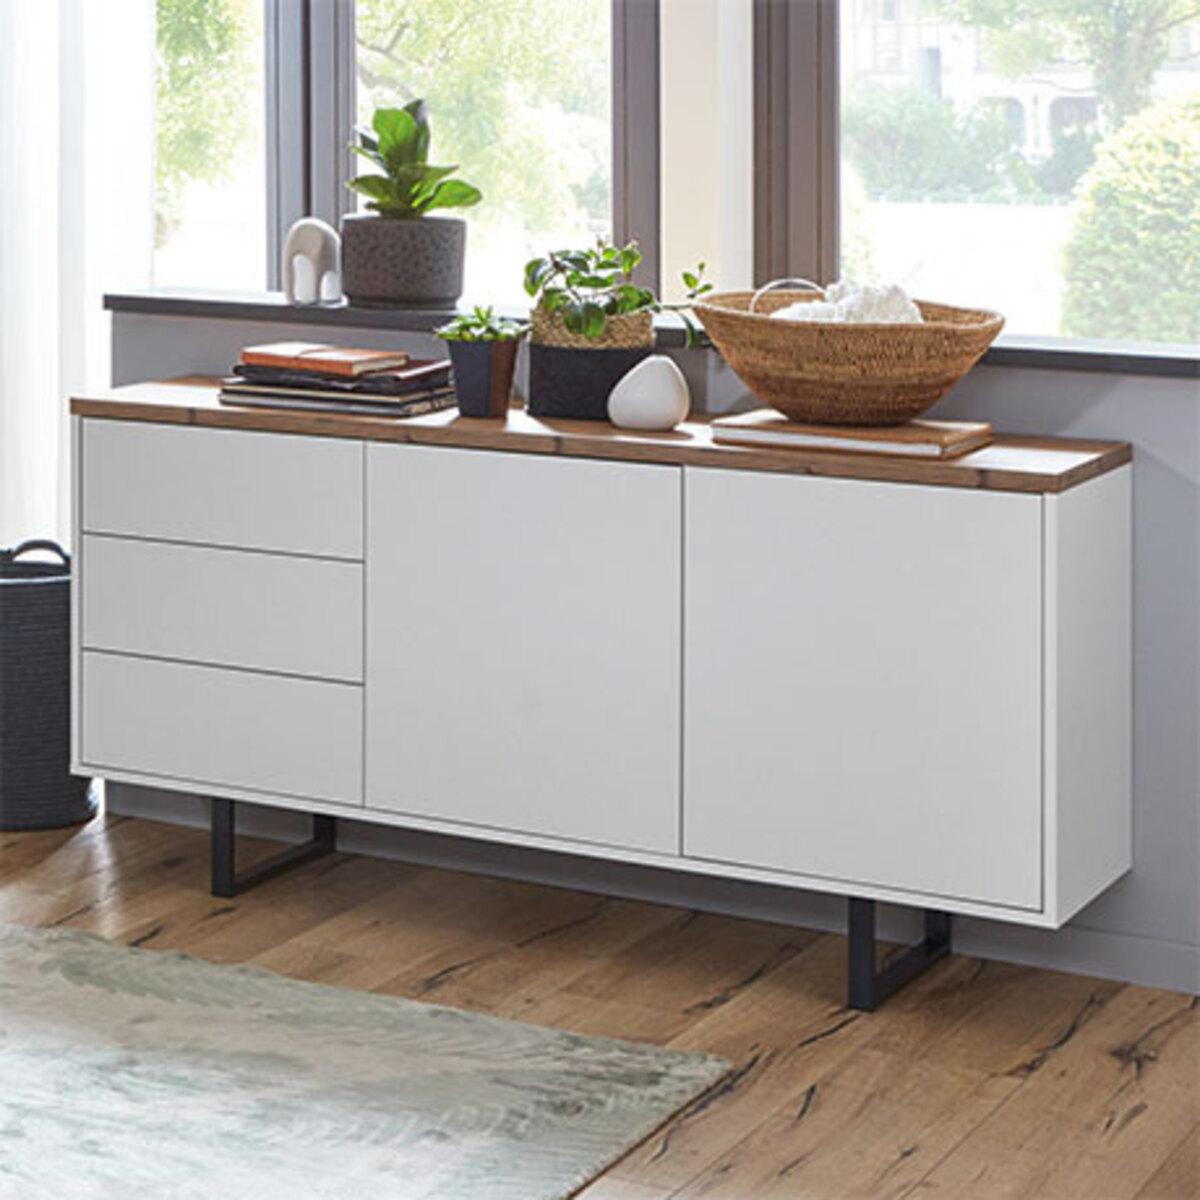 Bild 1 von Sideboard, modern1